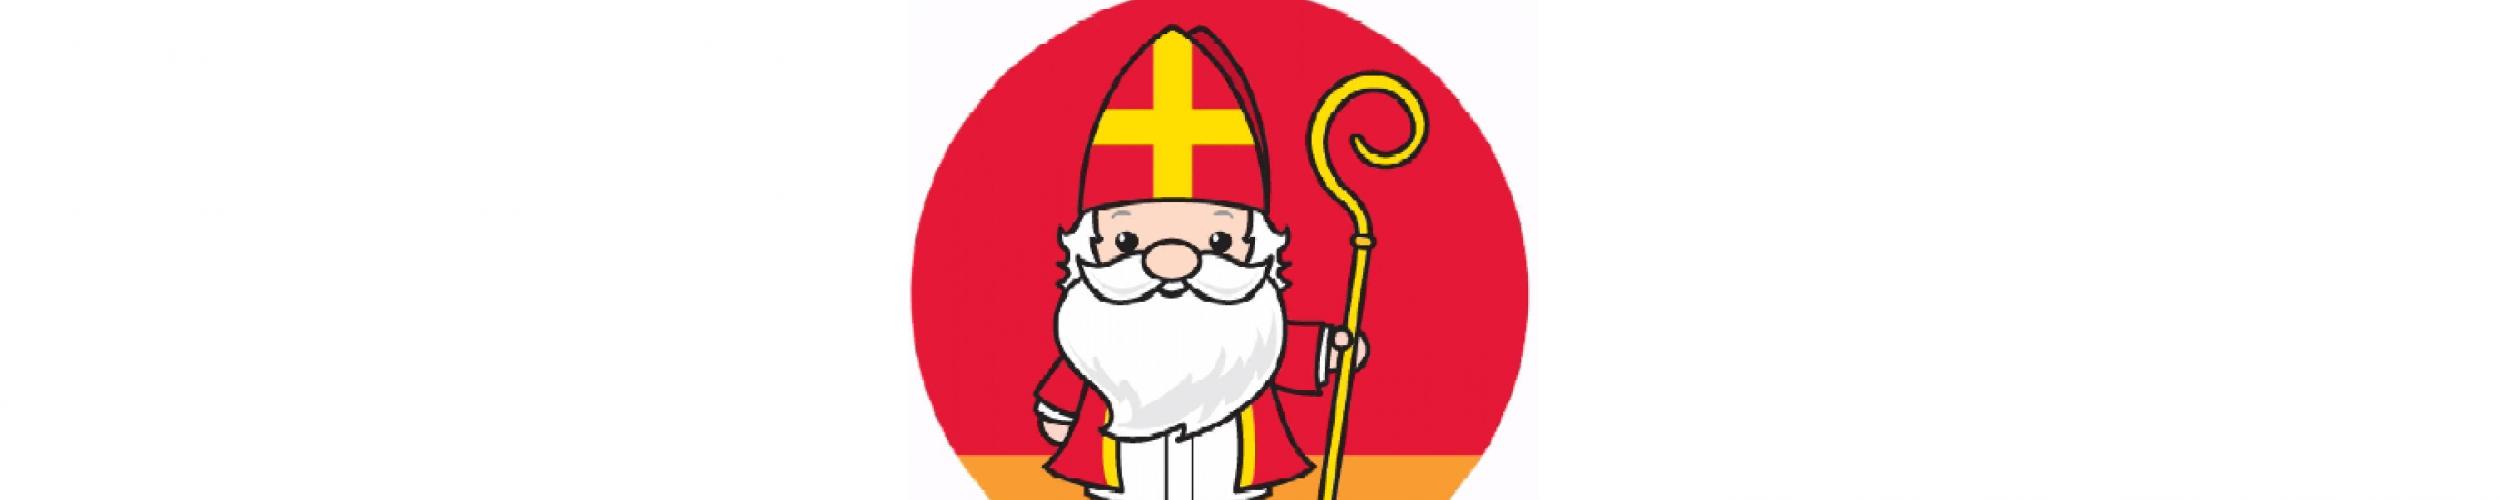 Sinterklaasweekend 2019